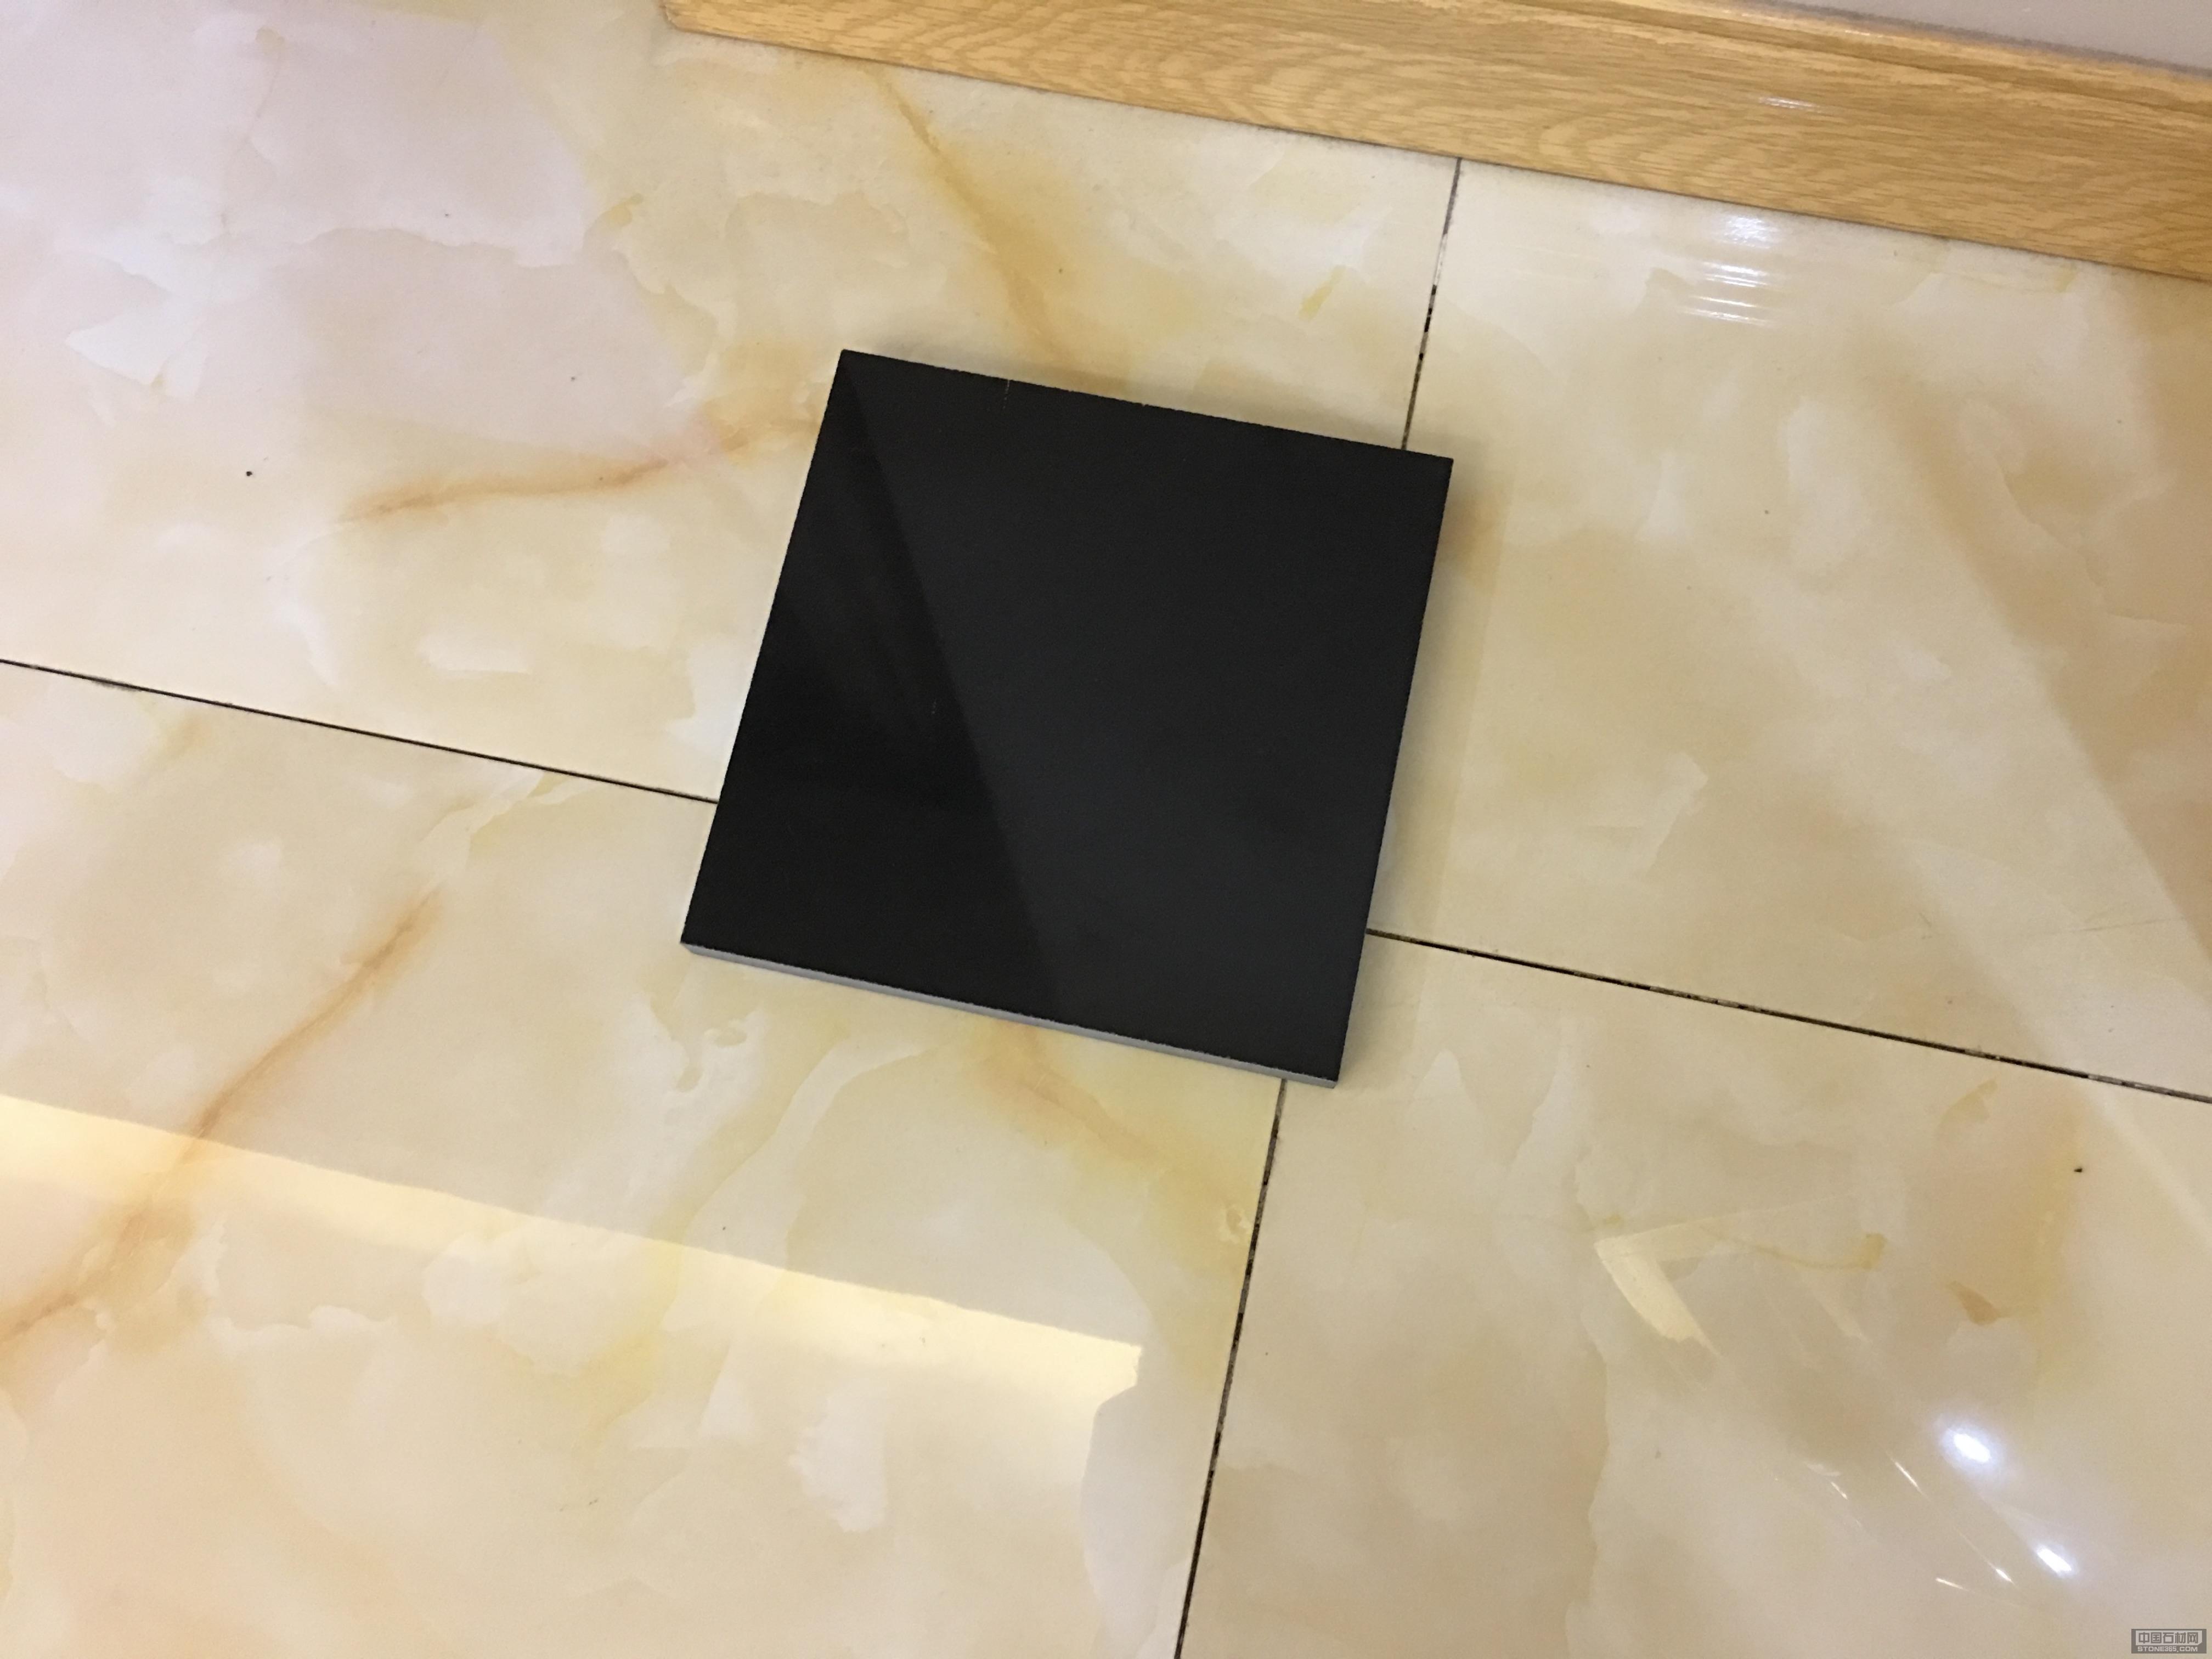 四川新黑板中国黑蒙古黑